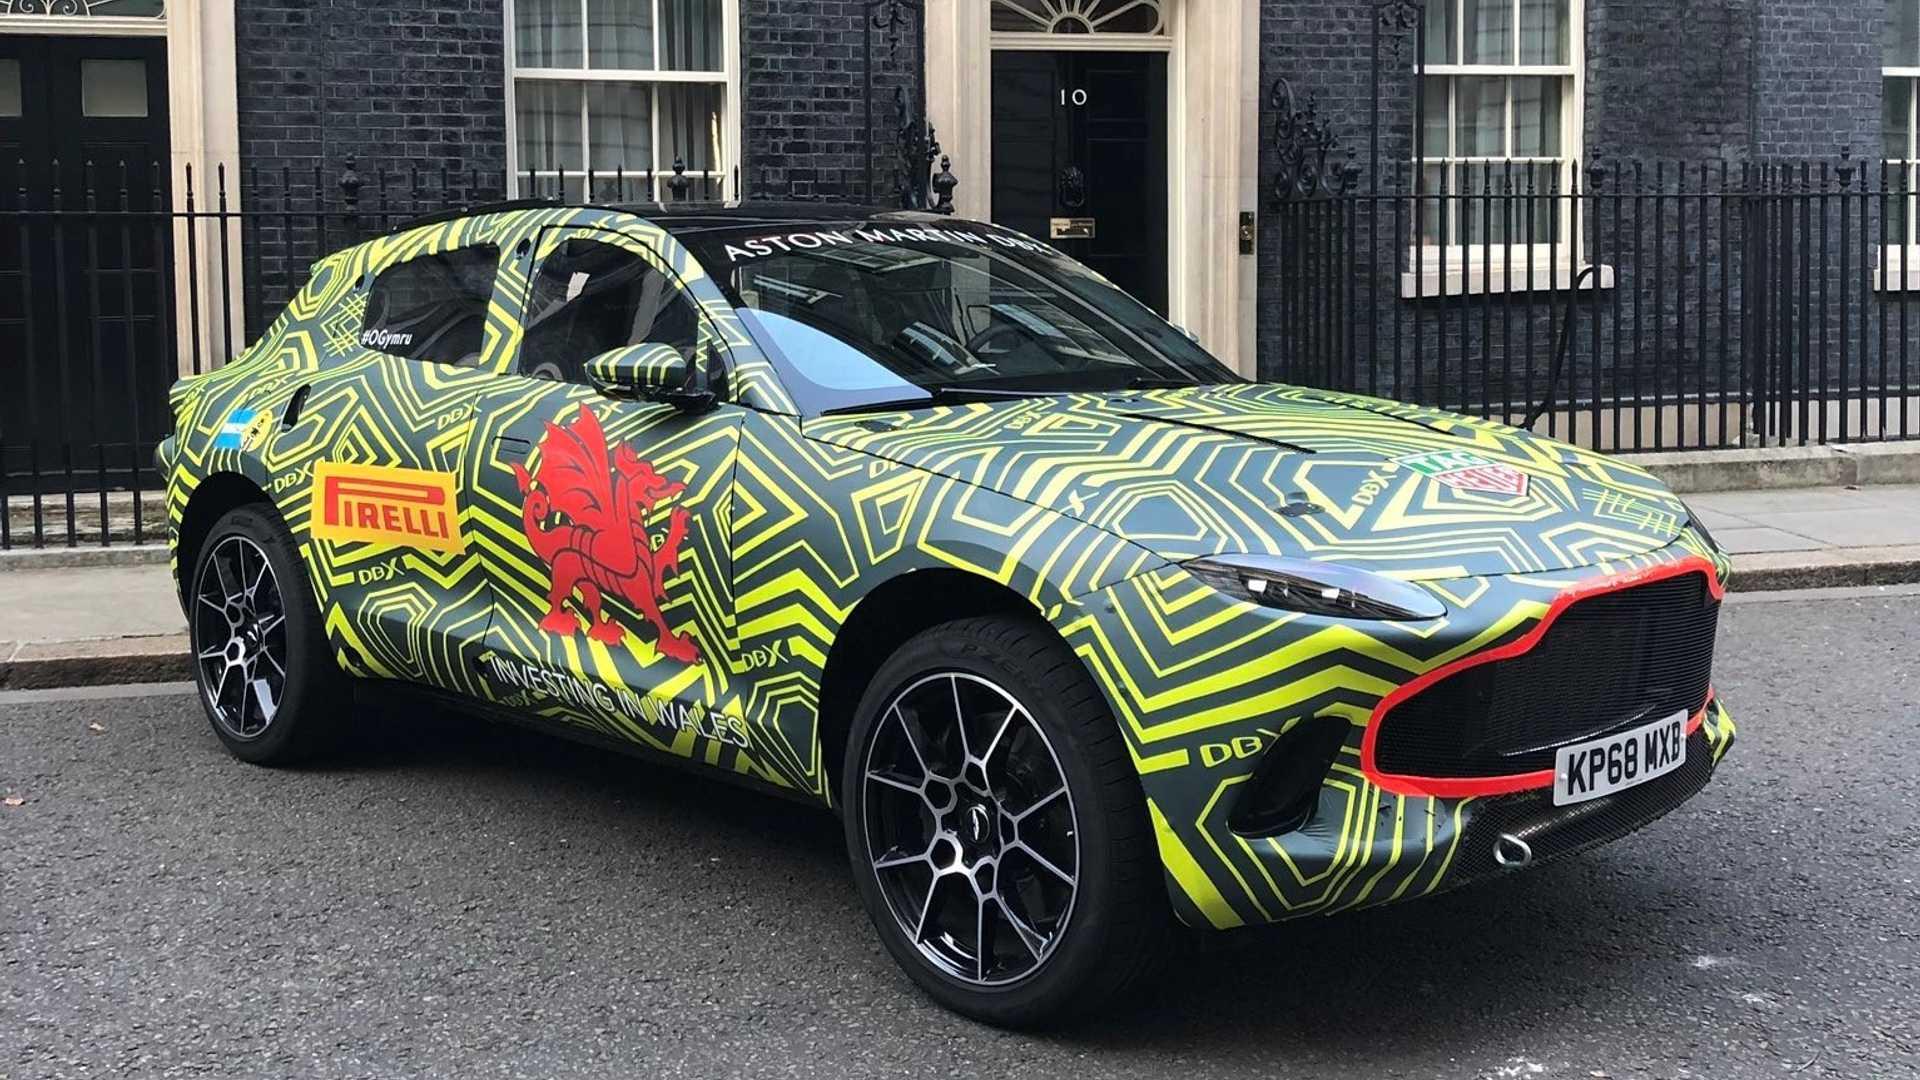 Мэтт Беккер – главный инженер Aston Martin – рассказал о работе над проектом DBX. В частности, топ-менеджер назвал модели, которые стали ориентиром при создании первого кроссовера английского бренда.